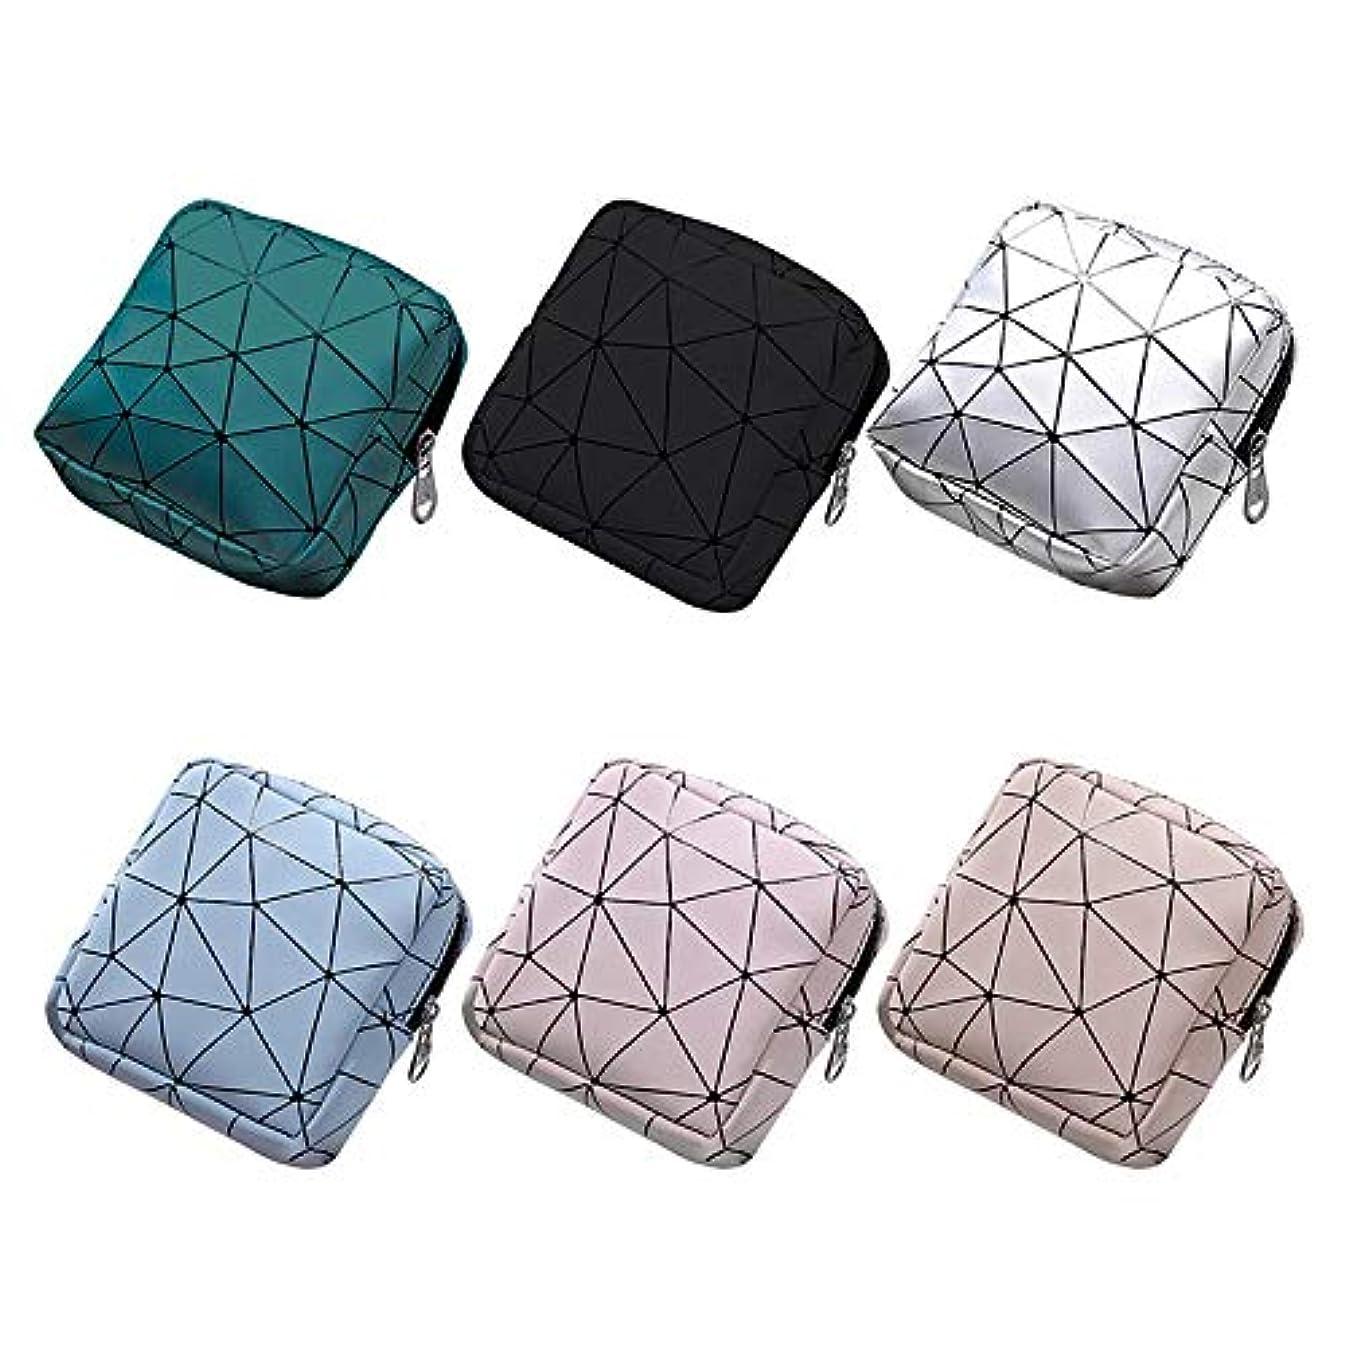 困惑別の限りHUICHEN ミニサニタリーナプキンバッグキャンバスコインケースクレジットカードホルダー生理用ナプキンポーチ化粧品オーガナイザー保存袋 (Color : Black)